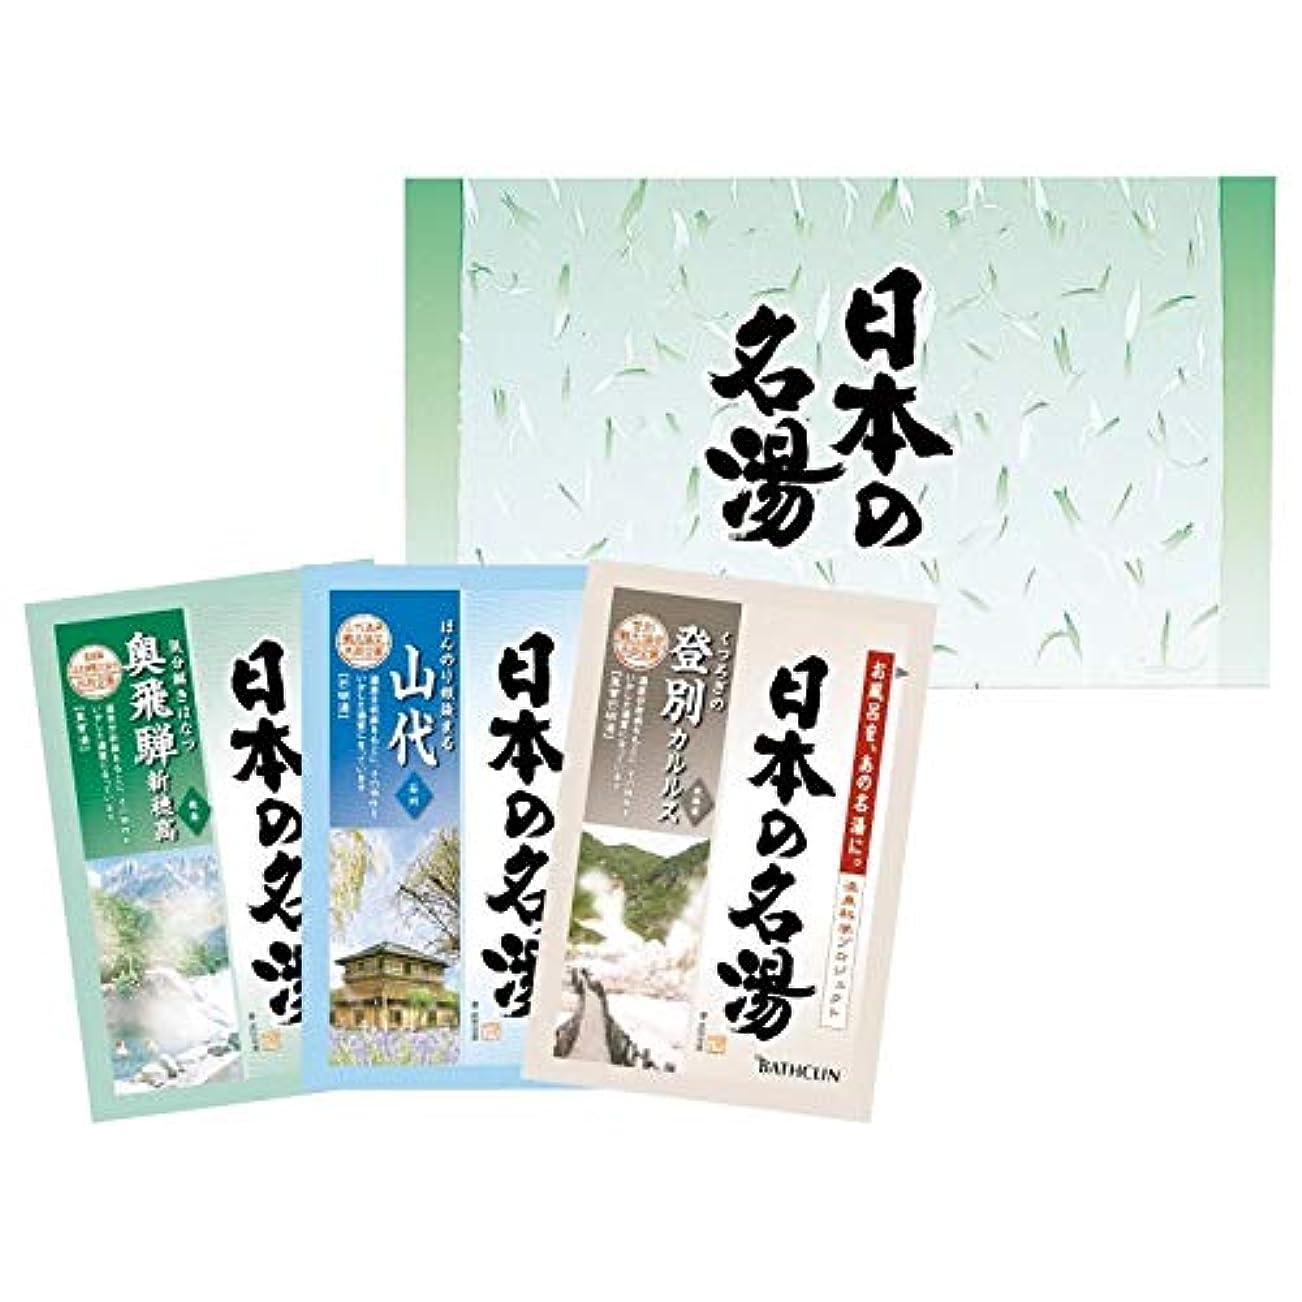 ほのか改善重要なバスクリン 日本の名湯 3包セット OT-2D 【お風呂 つめあわせ お楽しみ お試し 入浴剤 香り リラックス バス用品 日用品 生活品 景品 粗品 販促品 入浴グッズ】